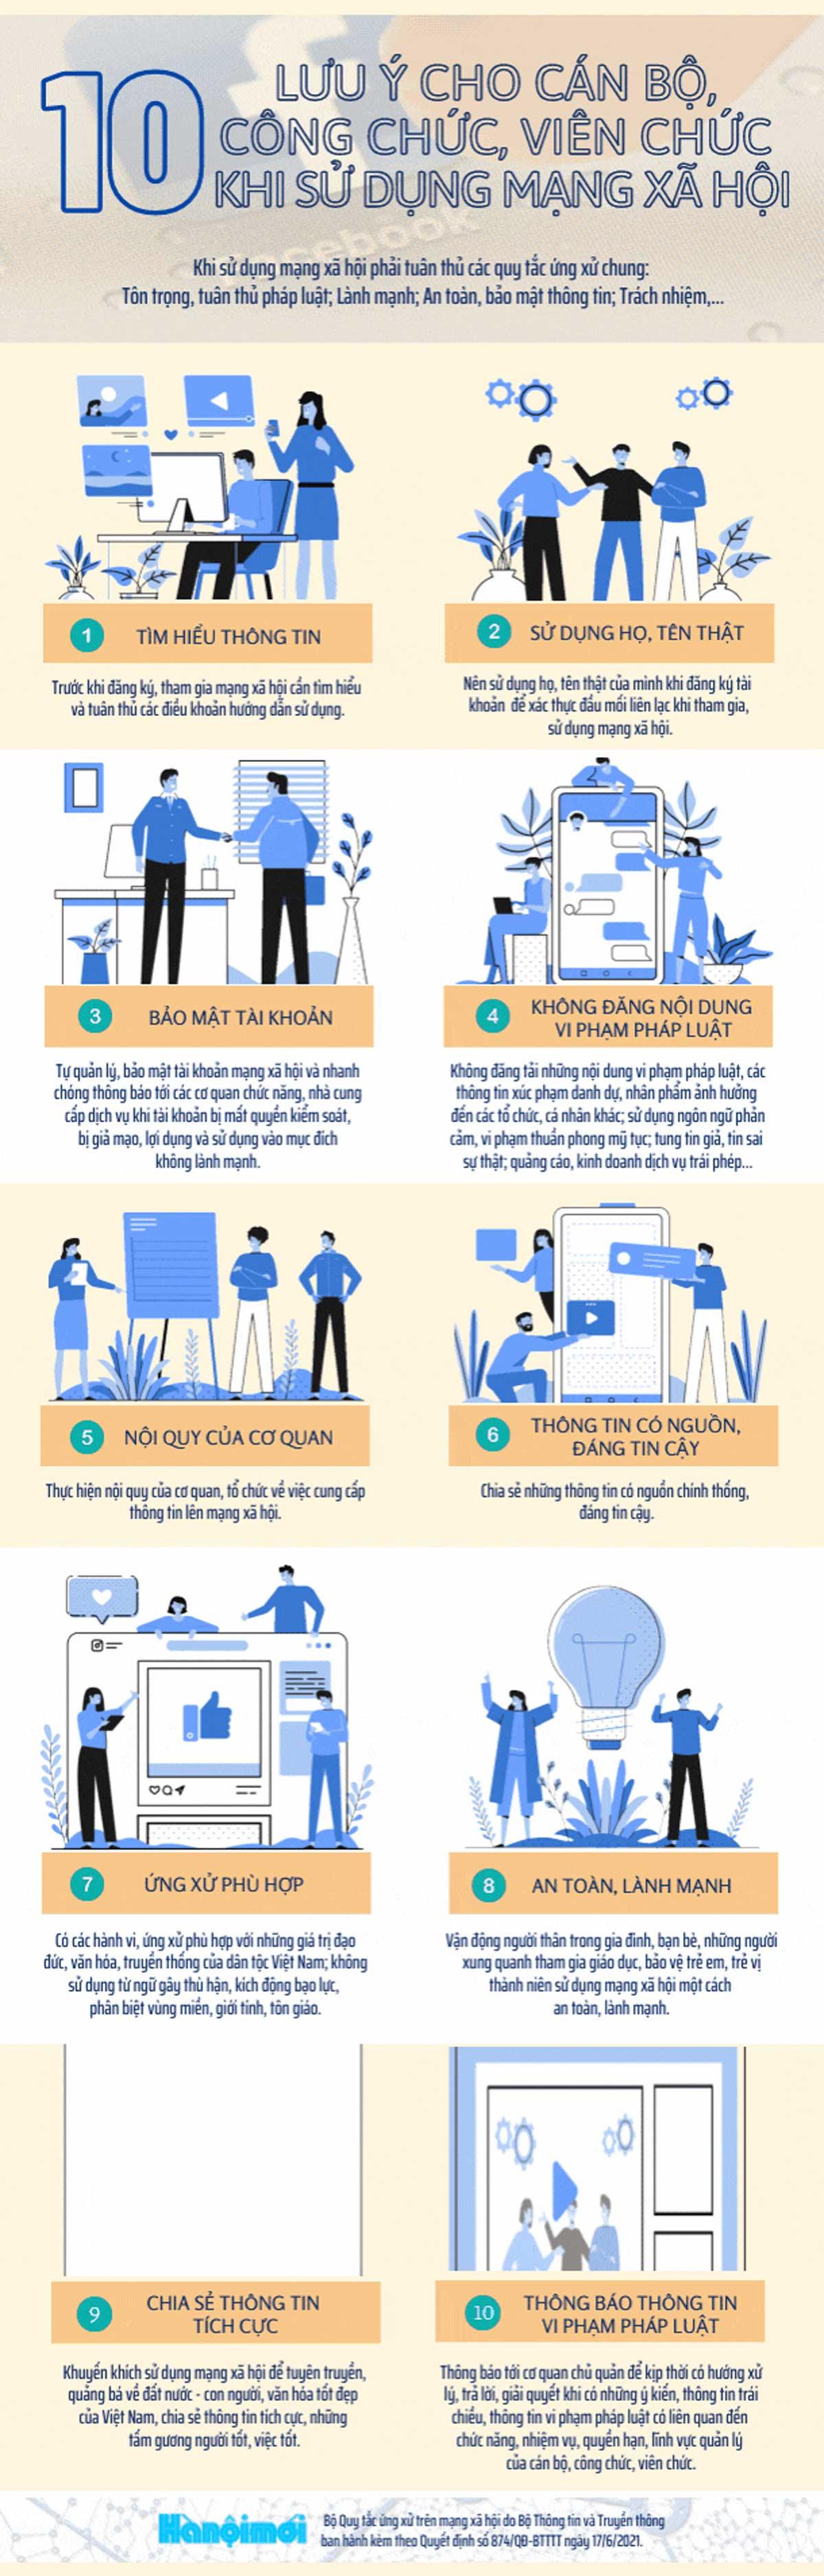 10 lưu ý,i cán bộ, công chức, viên chức, sử dụng mạng xã hội